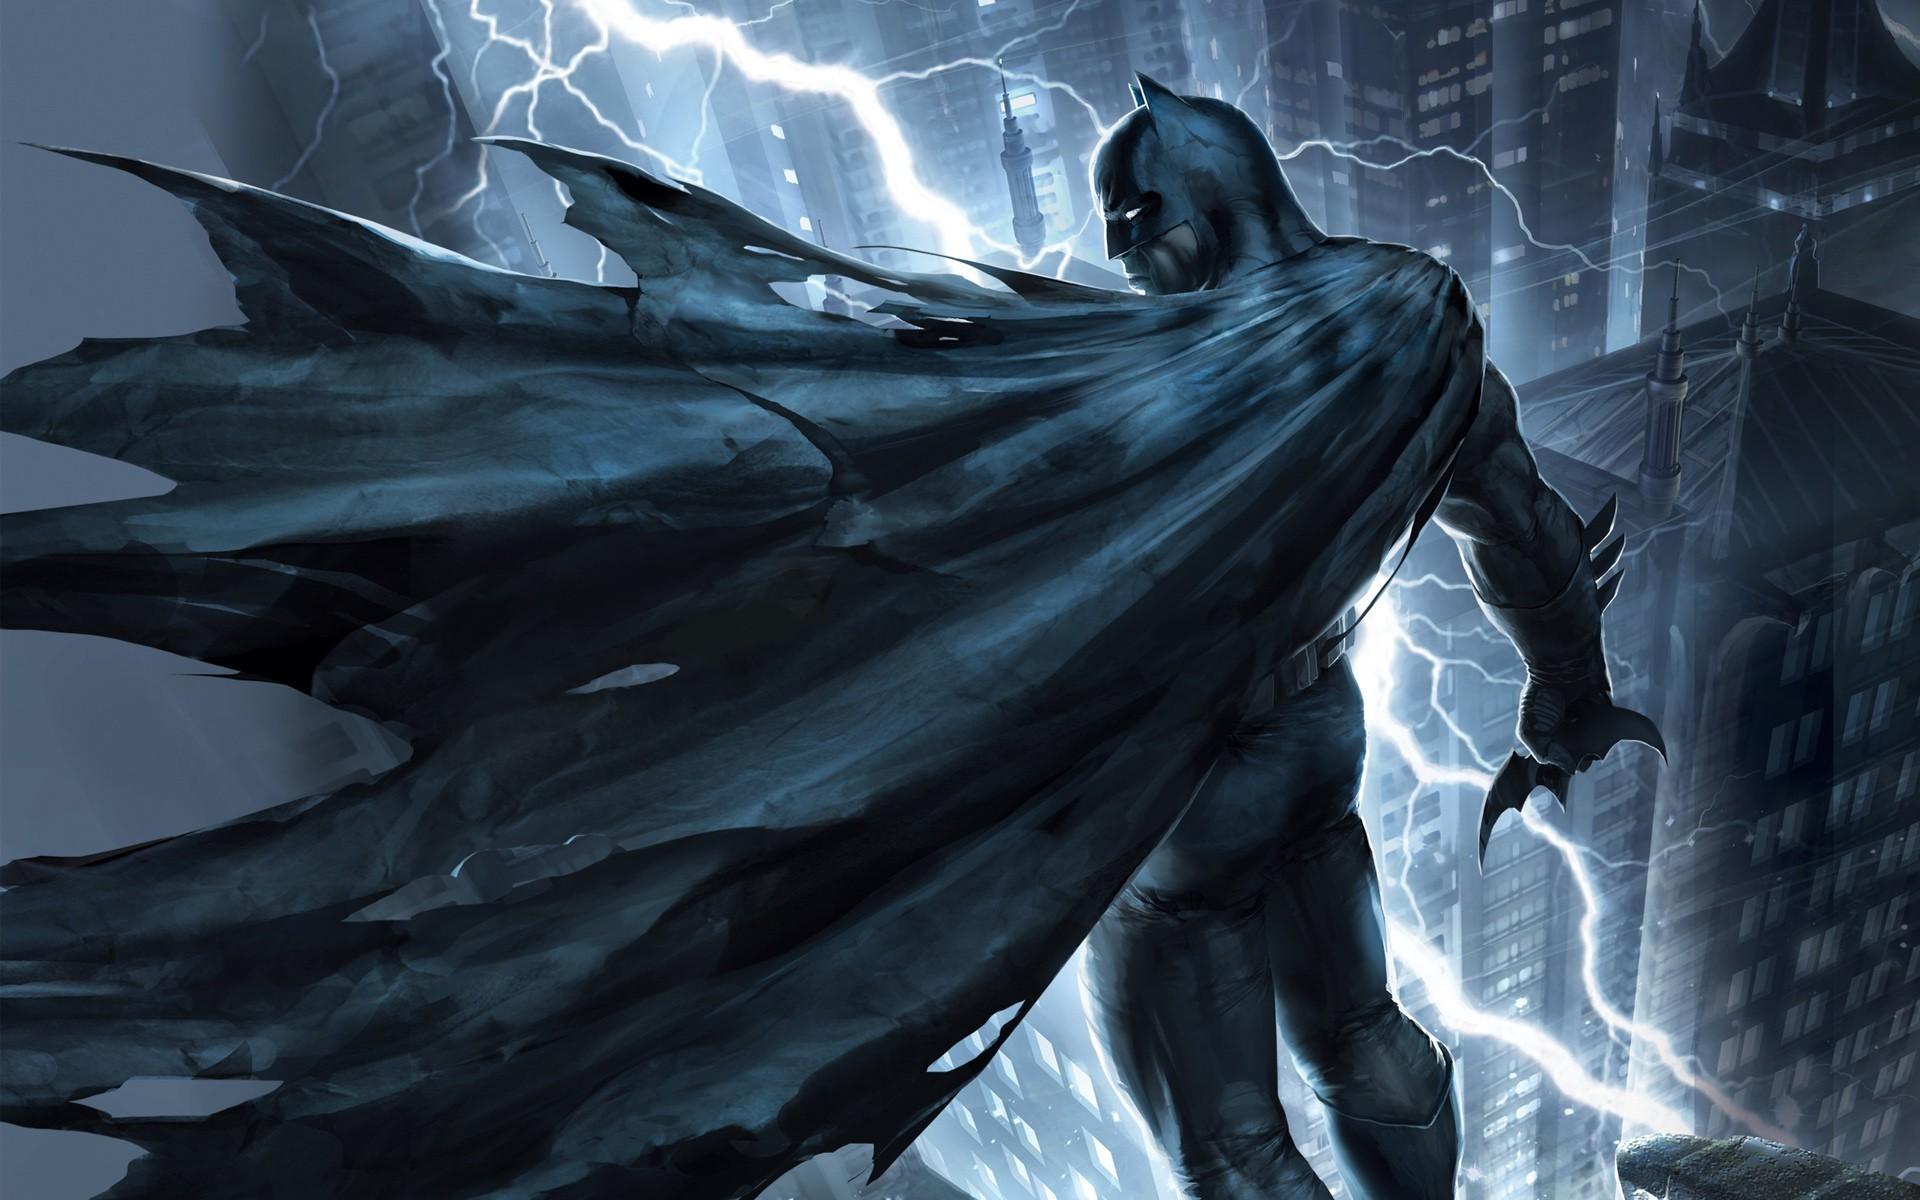 The Dark Knight Returns Wallpaper Wallpapertag